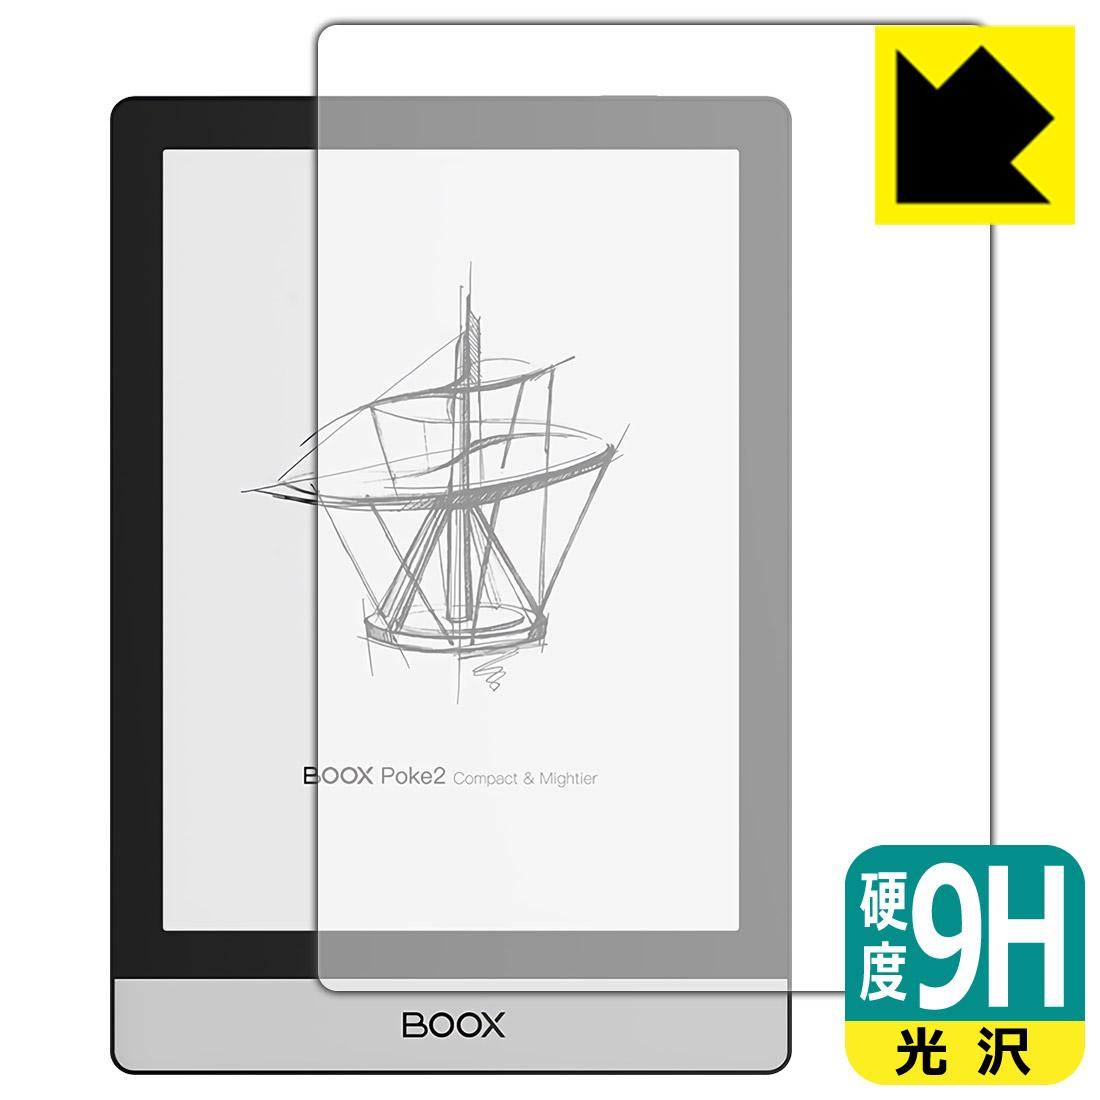 電子書籍リーダーアクセサリー, その他 9H Onyx BOOX Poke2 RCPsmtb-kd